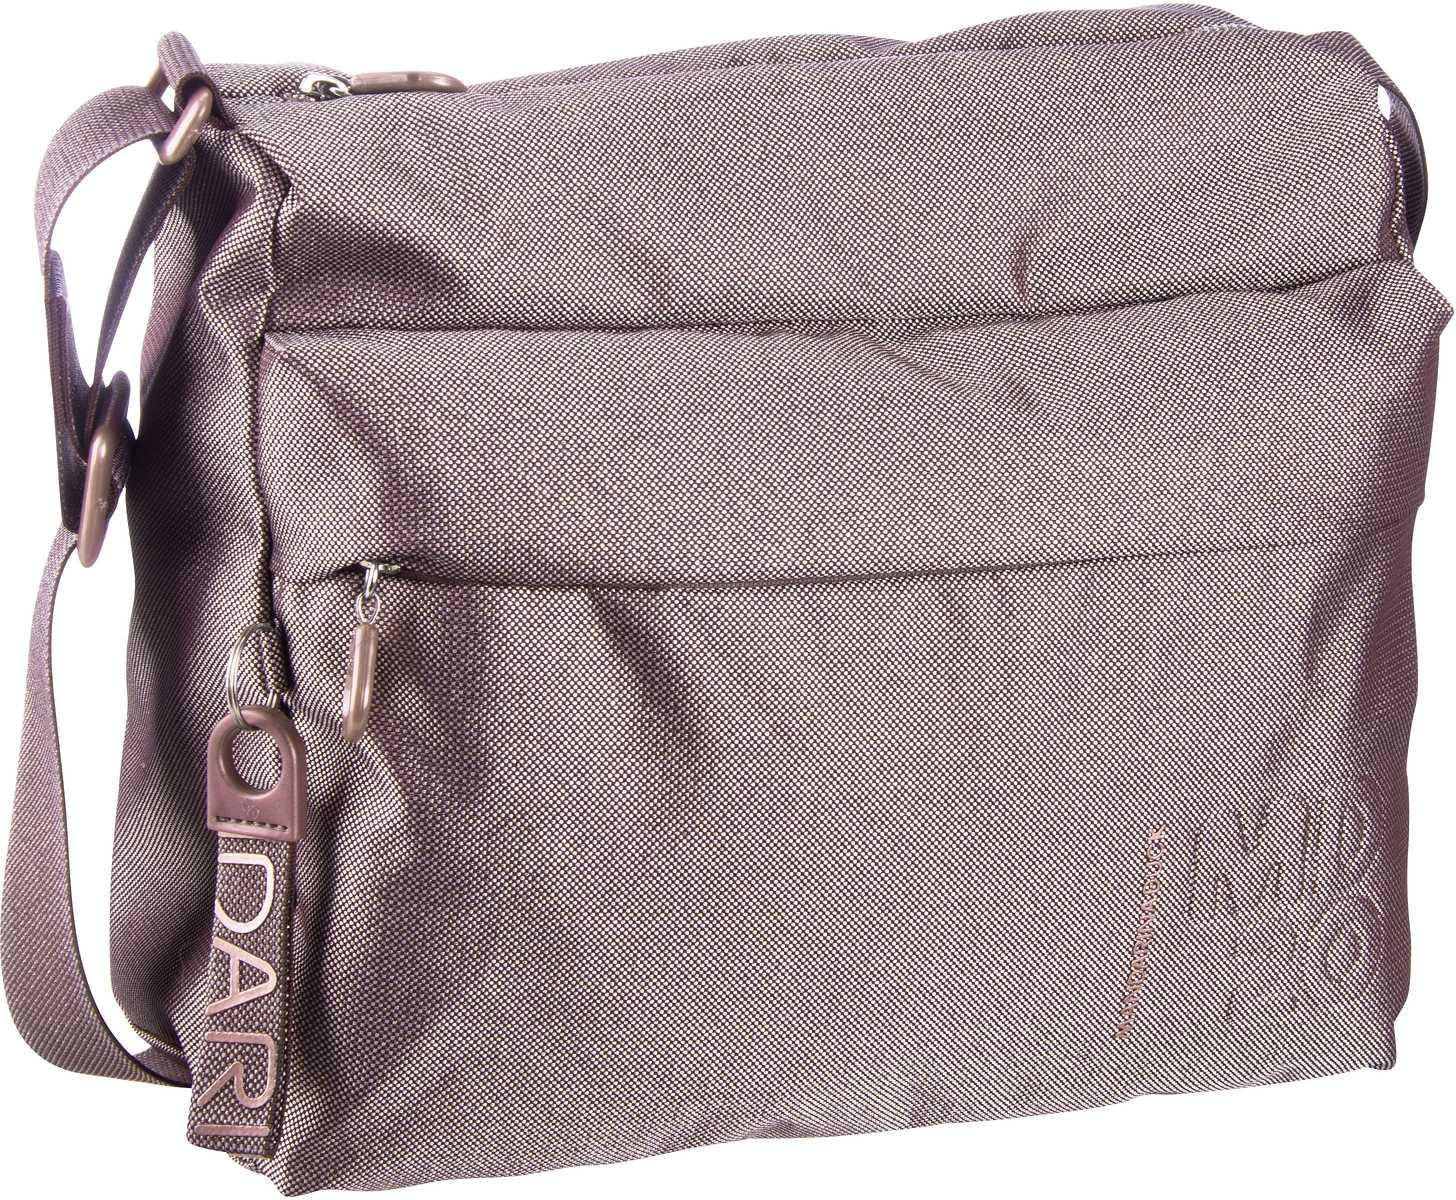 Umhängetasche MD20 Lux Crossover Bag QNTT4 Smog